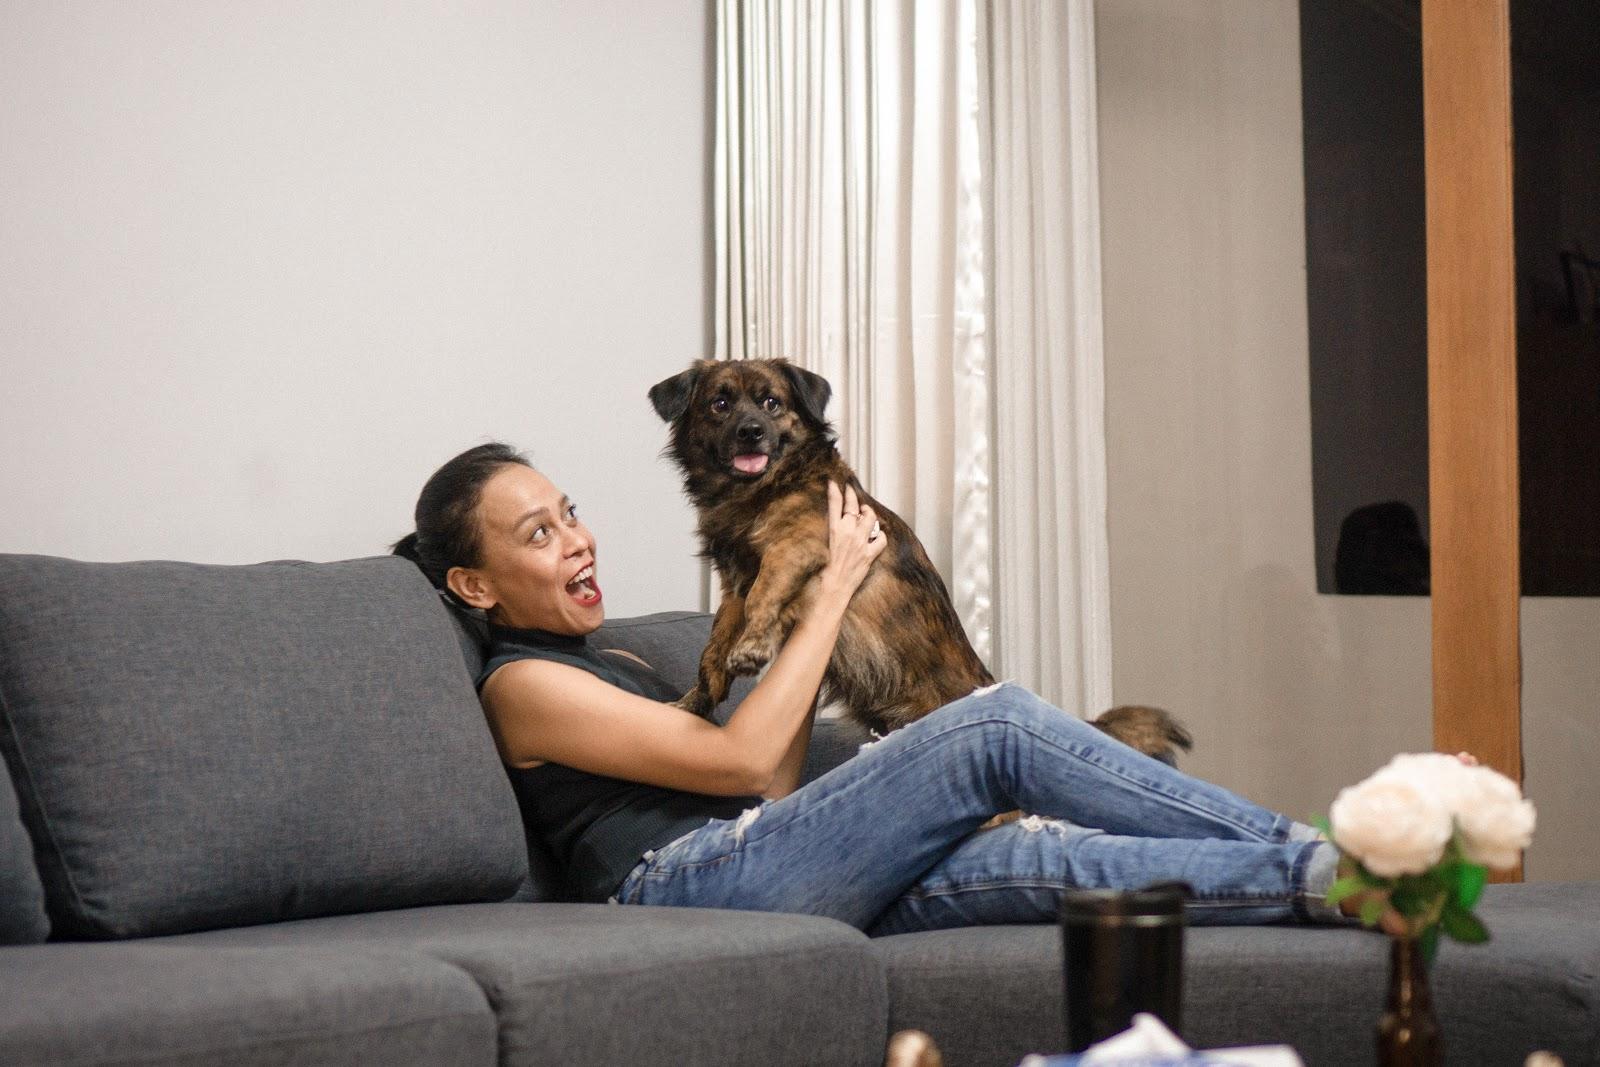 Kost di apartemen memungkinkan kamu untuk tinggal dengan binatang peliharaan.